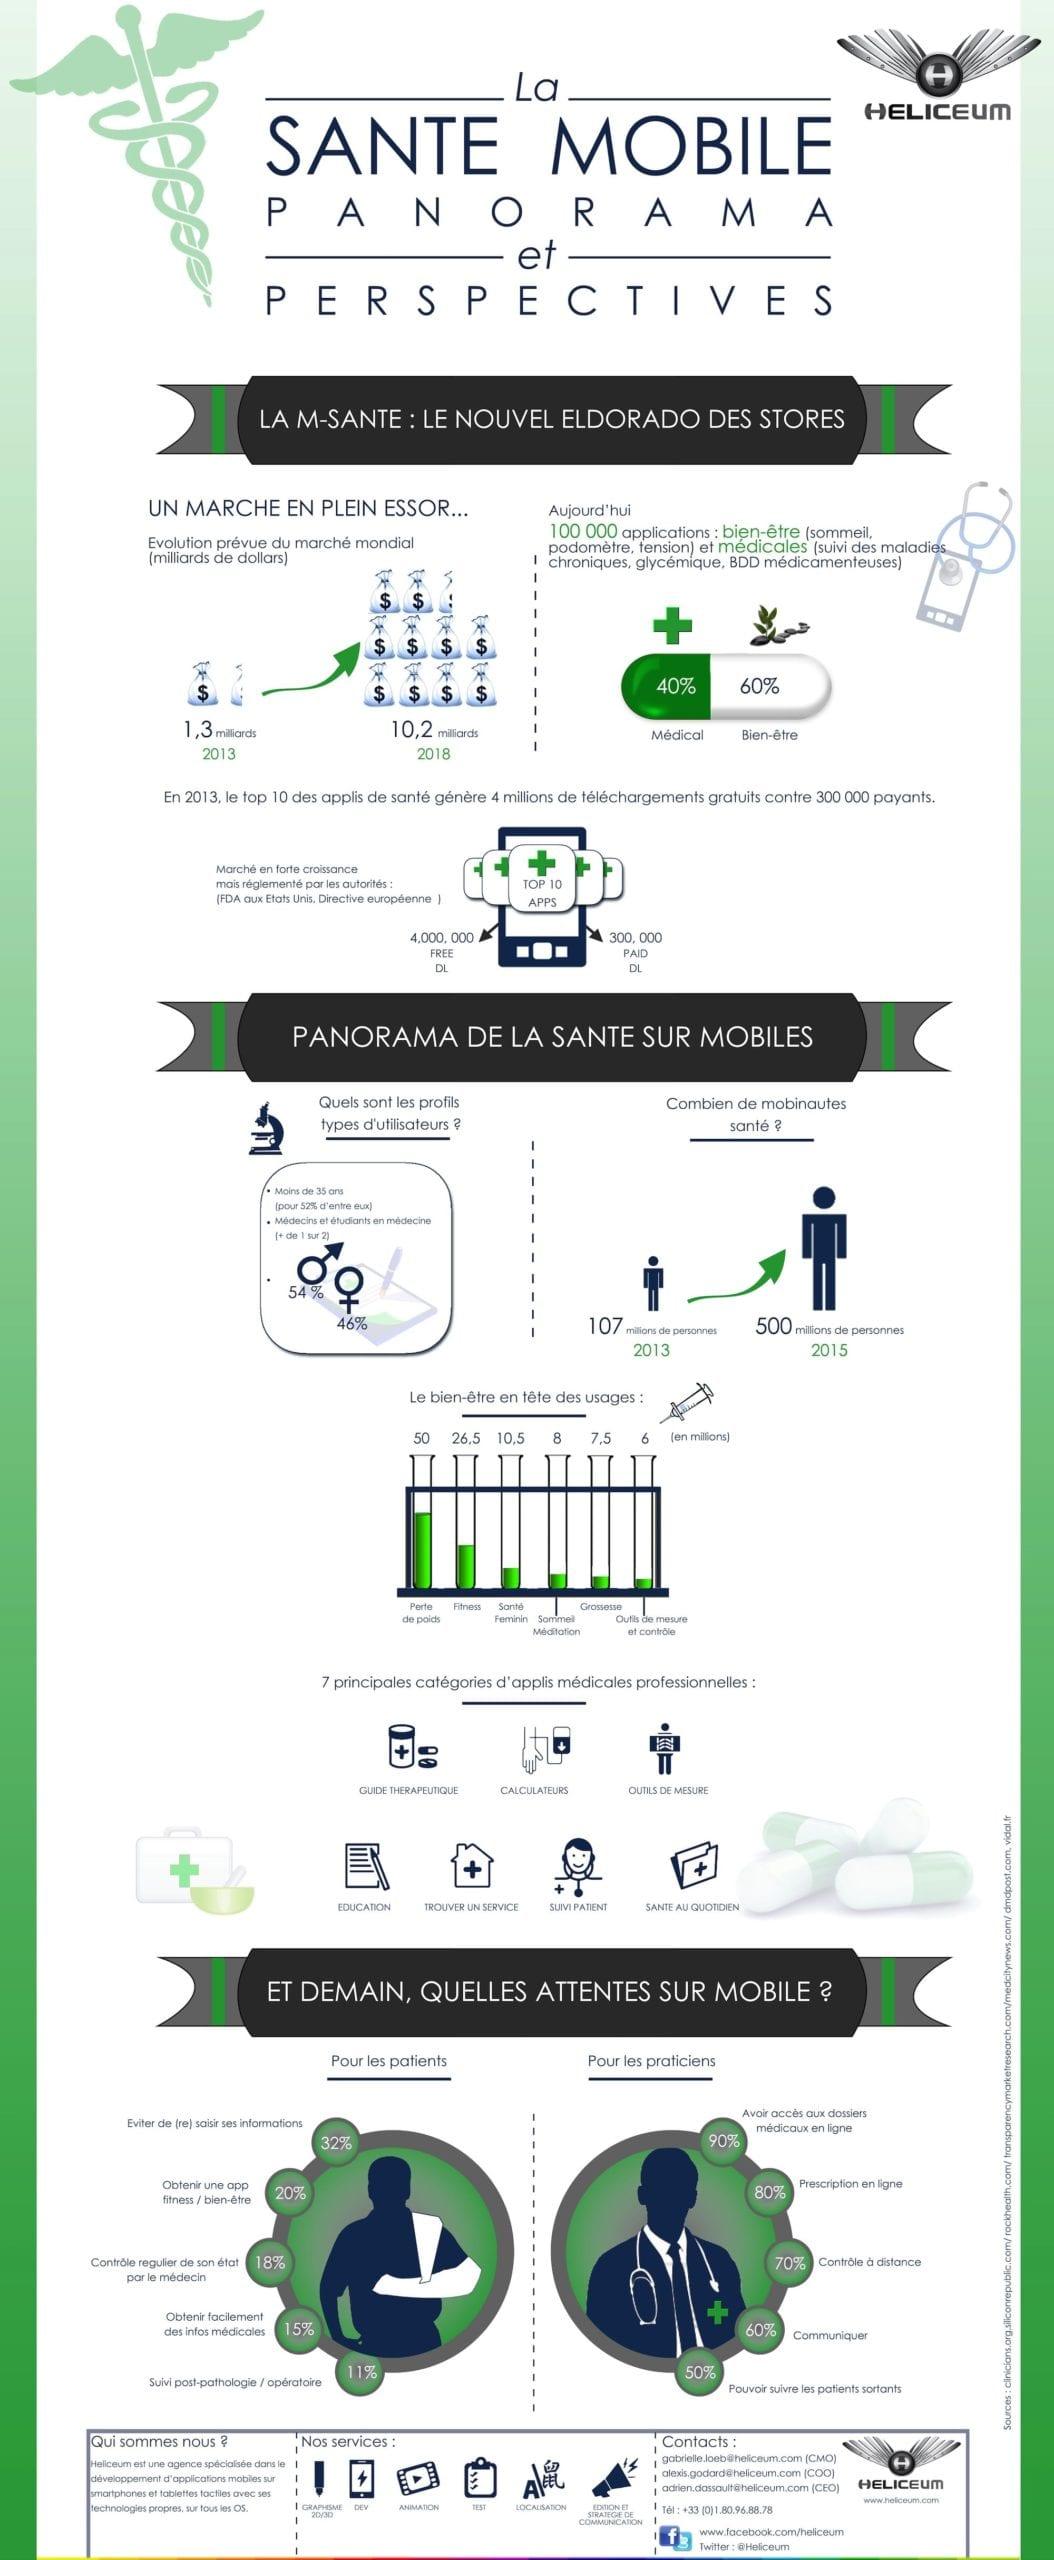 Infographie_Msanté_Heliceum_La sante mobile panorama et perspectives